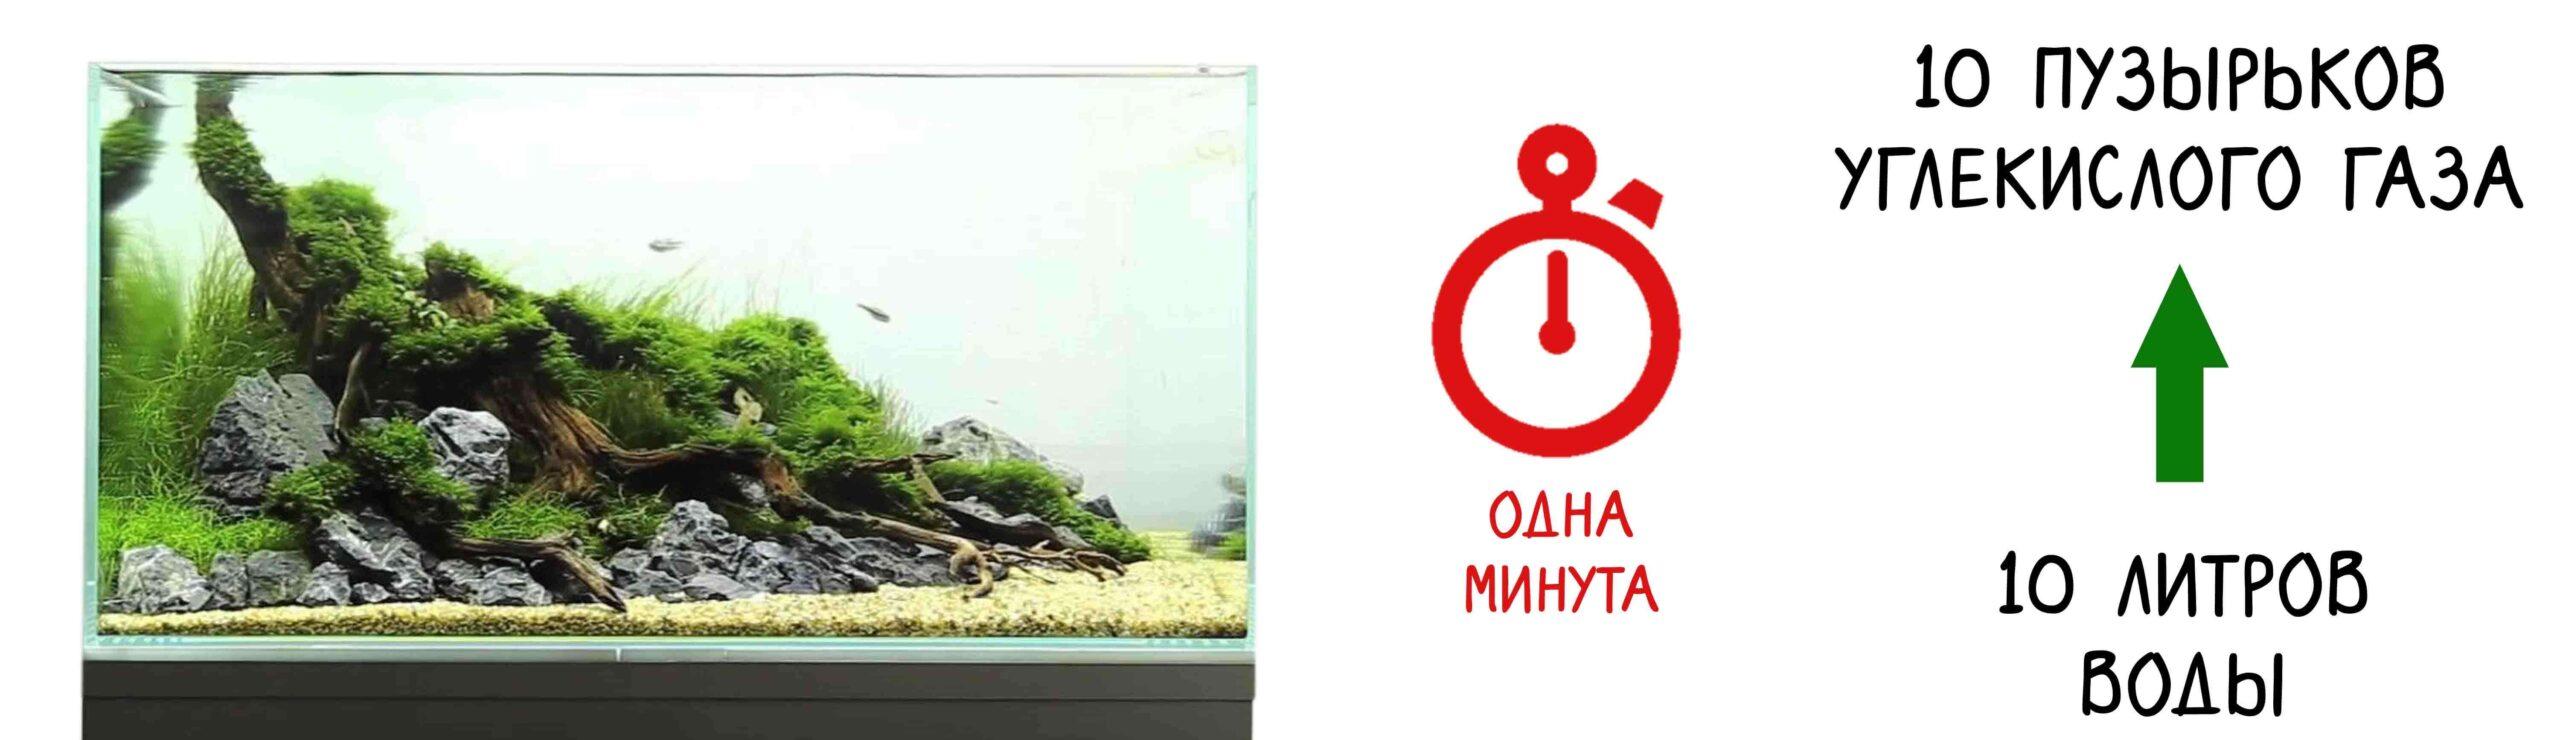 CO₂ для аквариума: способы обеспечения, какую систему лучше выбрать